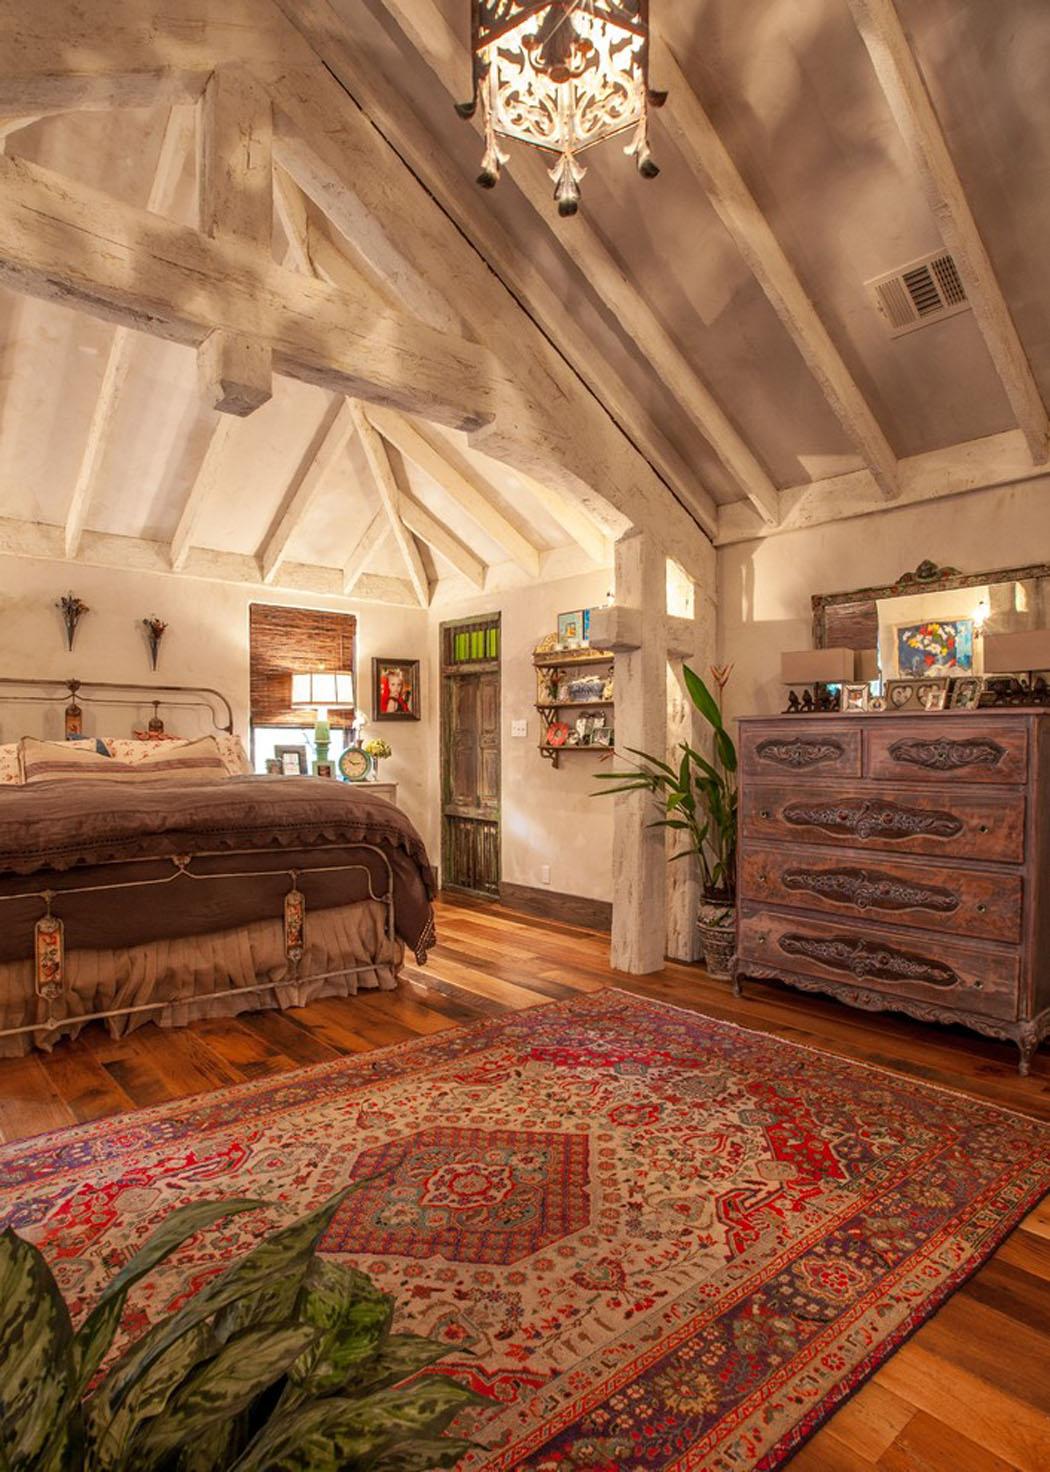 Maison rustique l int rieur en bois et ambiance bien for Site decoration interieur maison